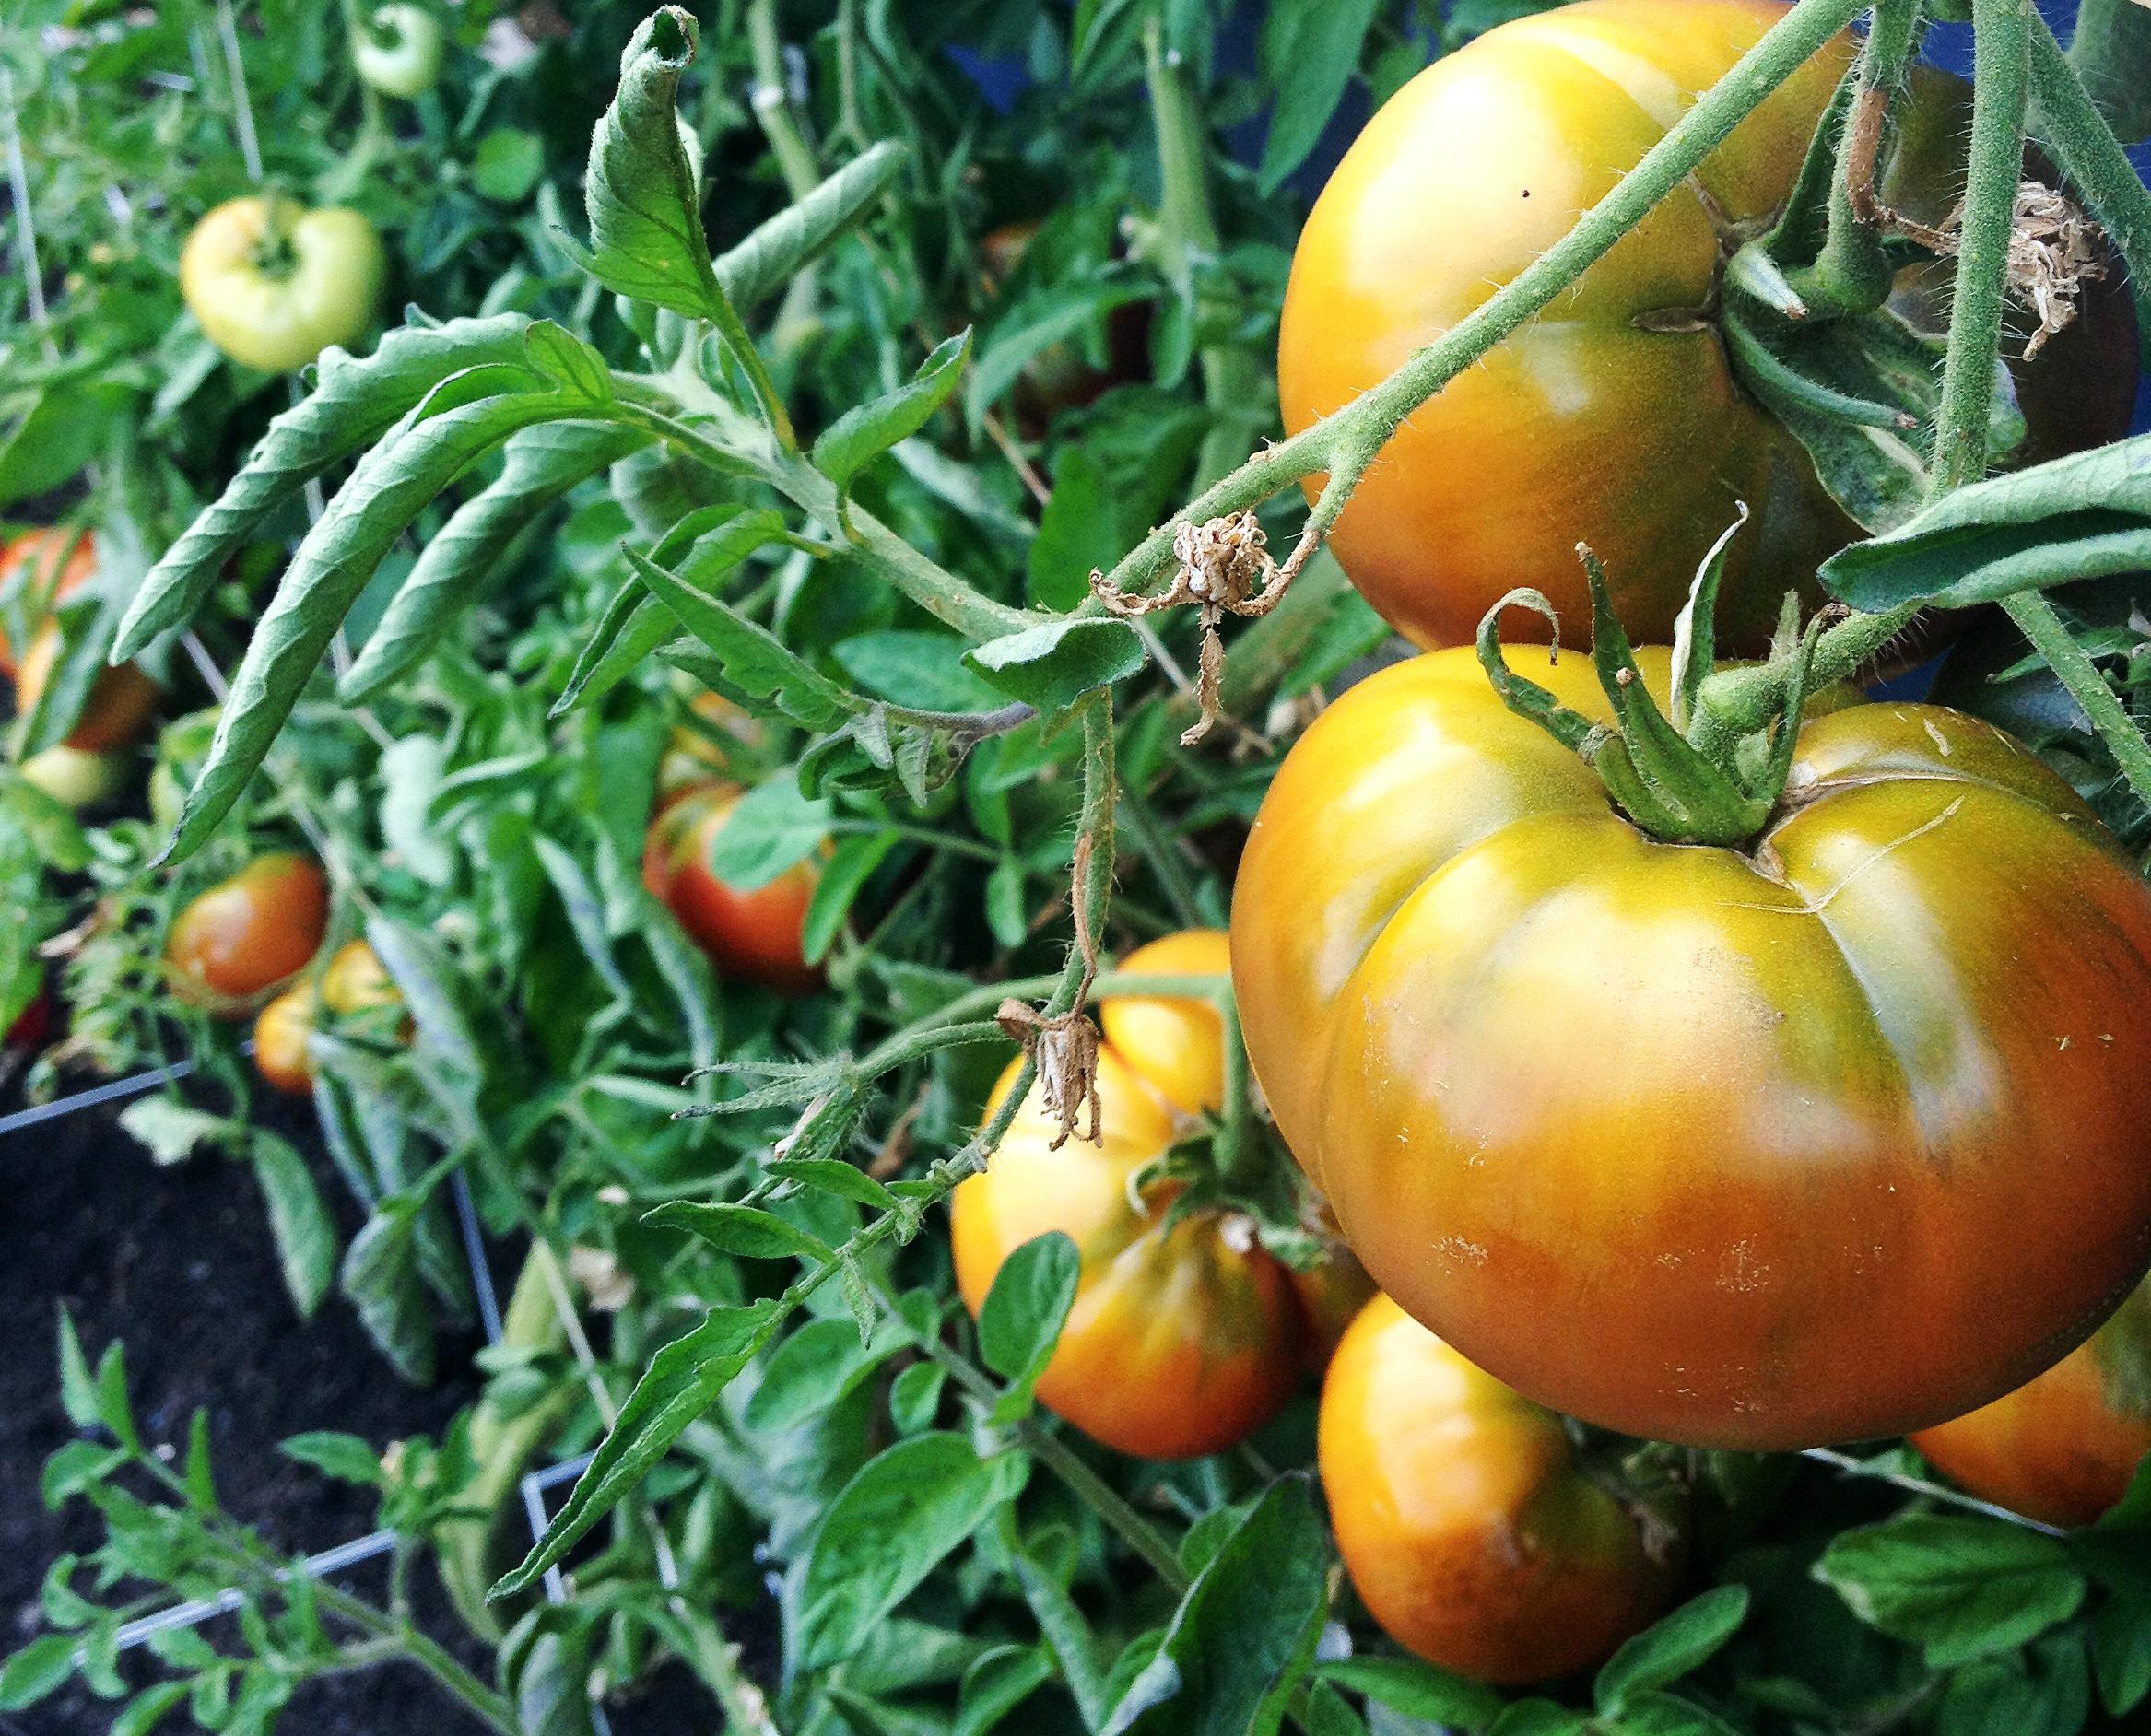 Cherokee Purple Tomatoes, unripened